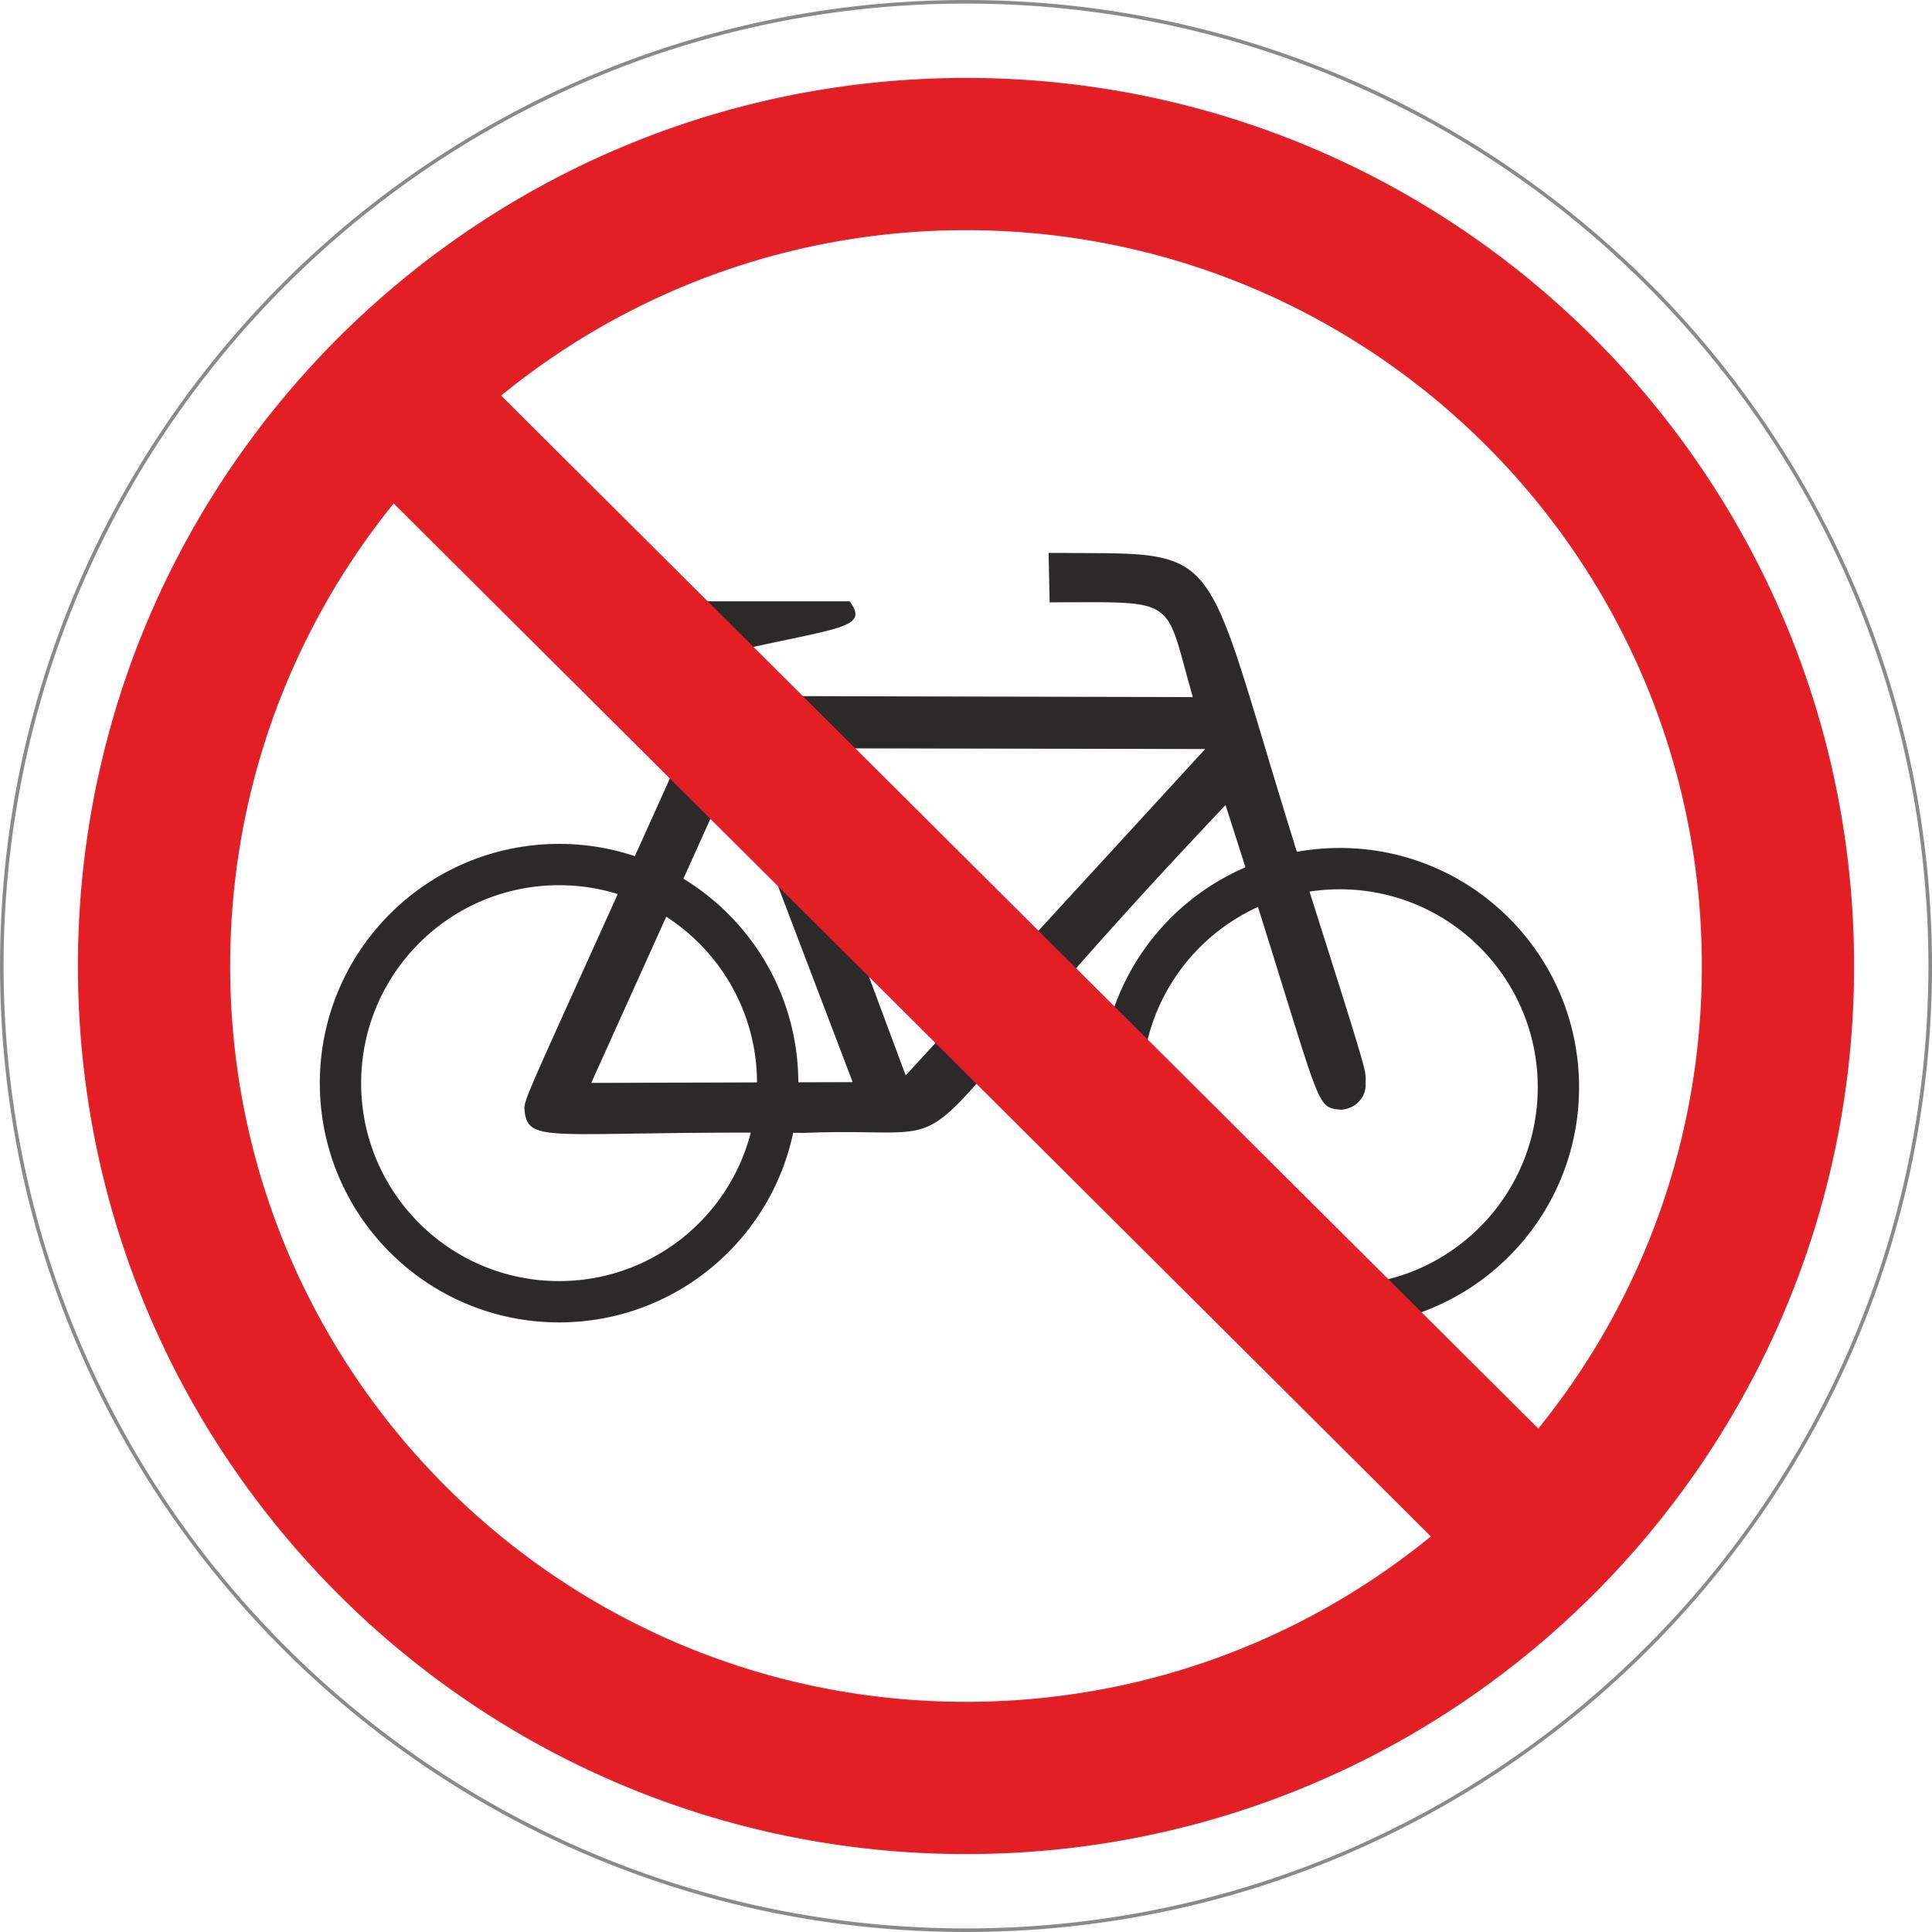 Fahrräder verboten Ø 100 mm Warn- Hinweis- und Verbotsschild Hart-PVC, selbstklebend  – Bild 1